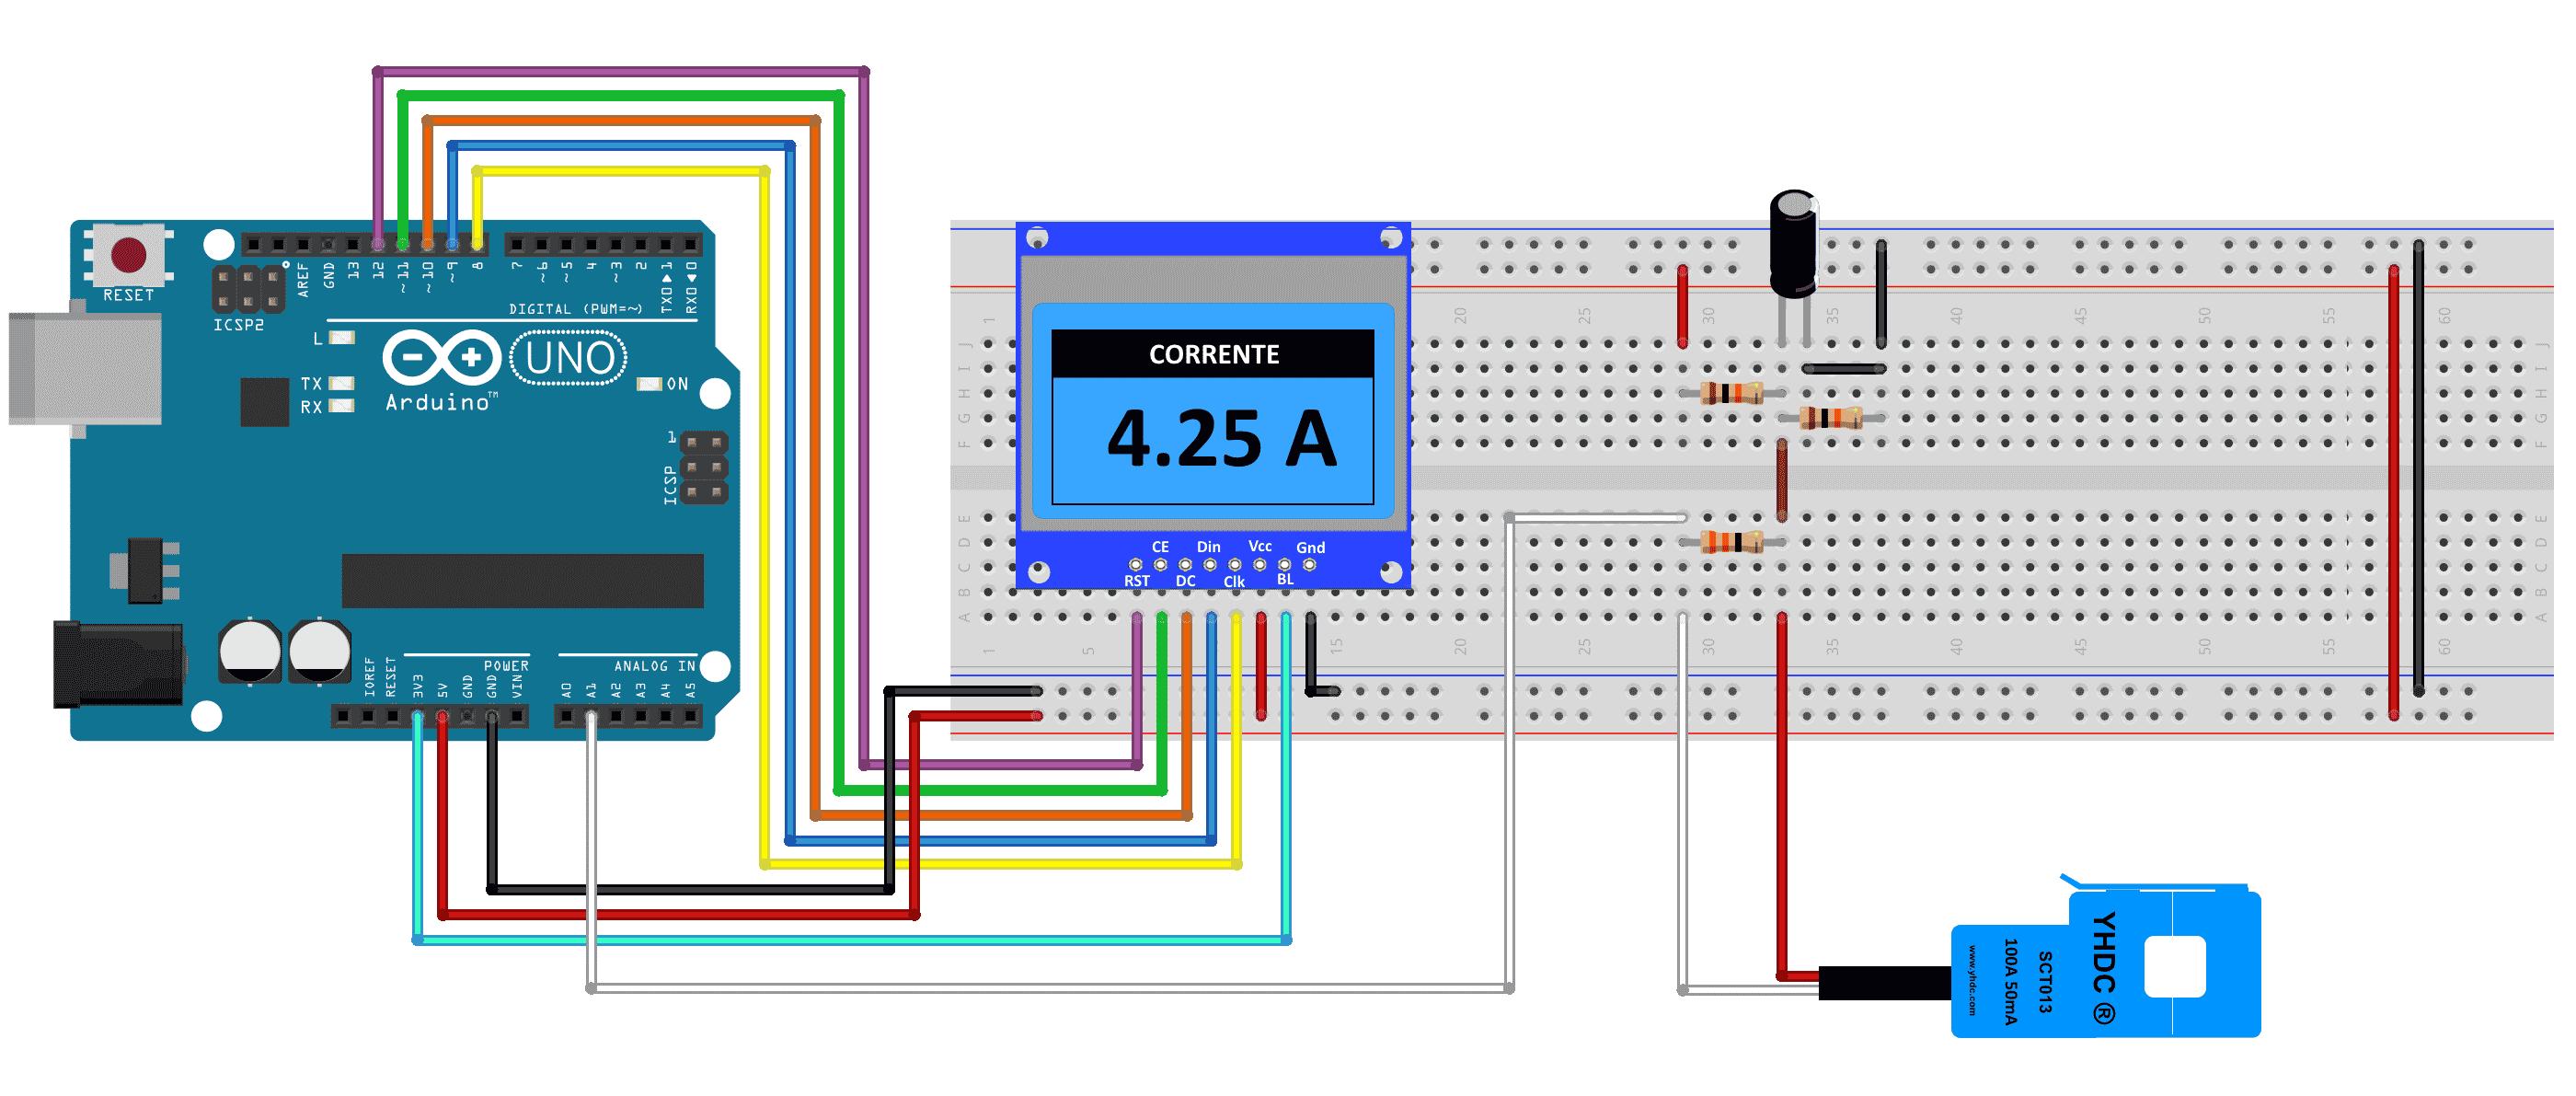 Circuito_Arduino_Sensor_Corrente_SCT013